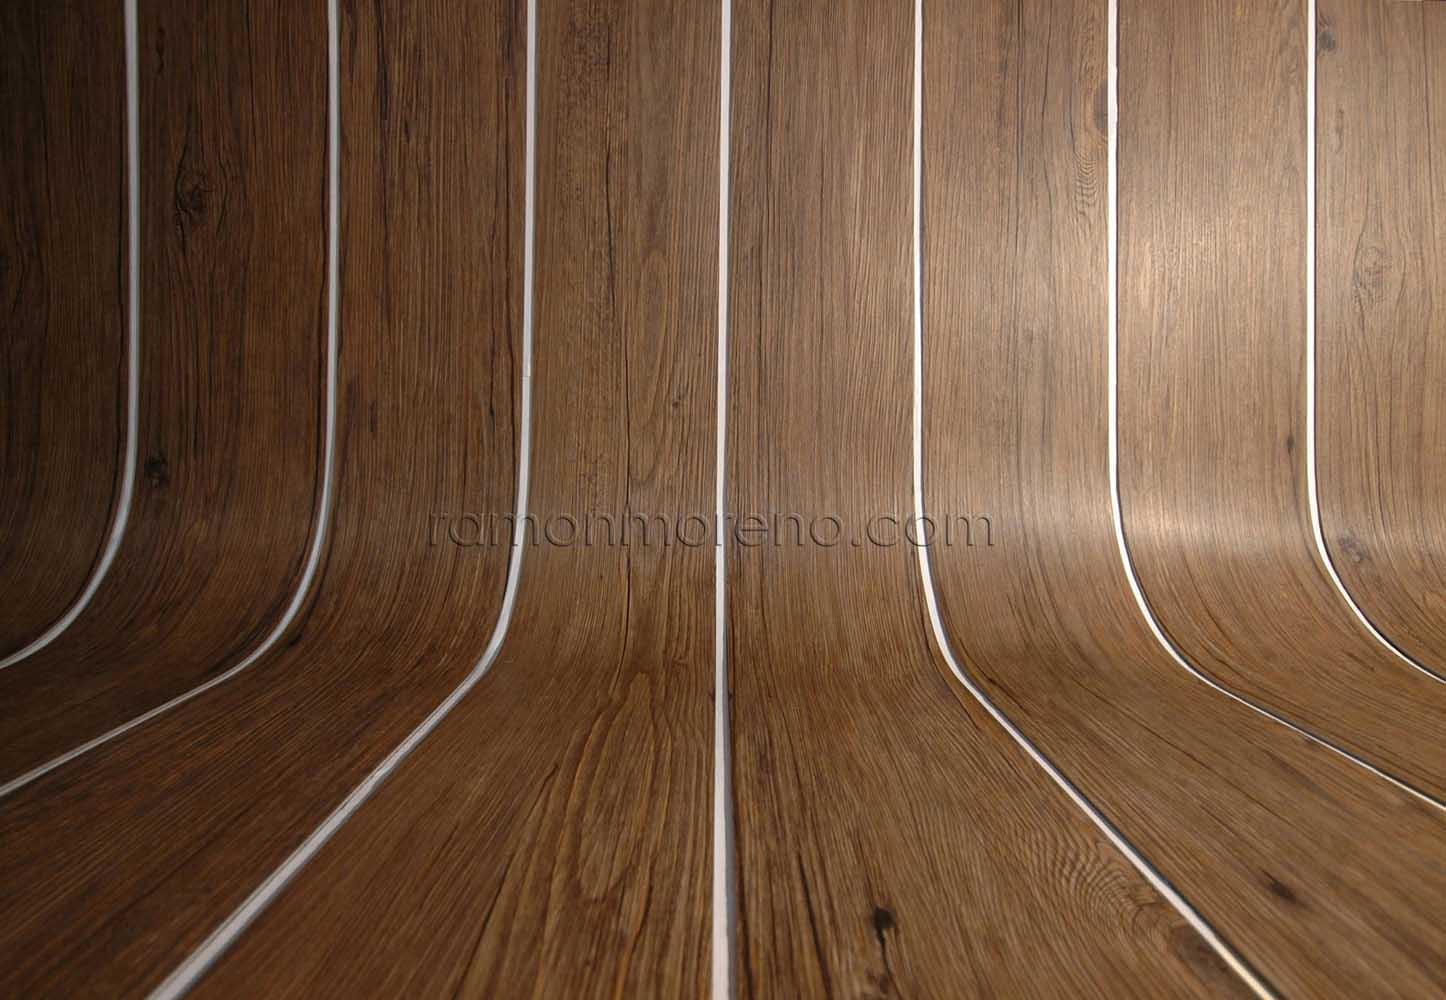 Escaleras zancas metlicas escaleras zancas metal escaleras